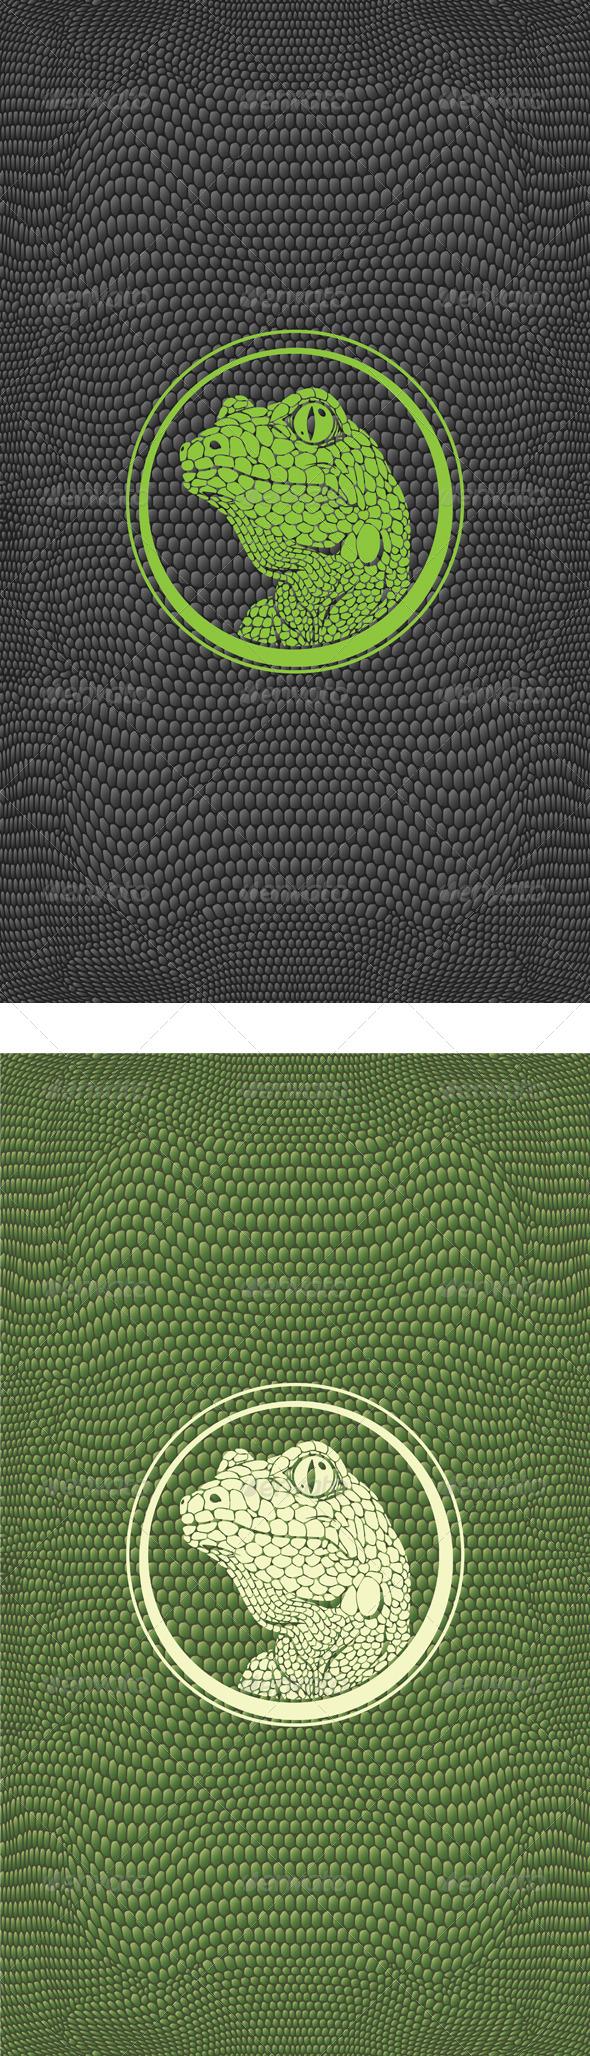 GraphicRiver Reptile Skin 7882613